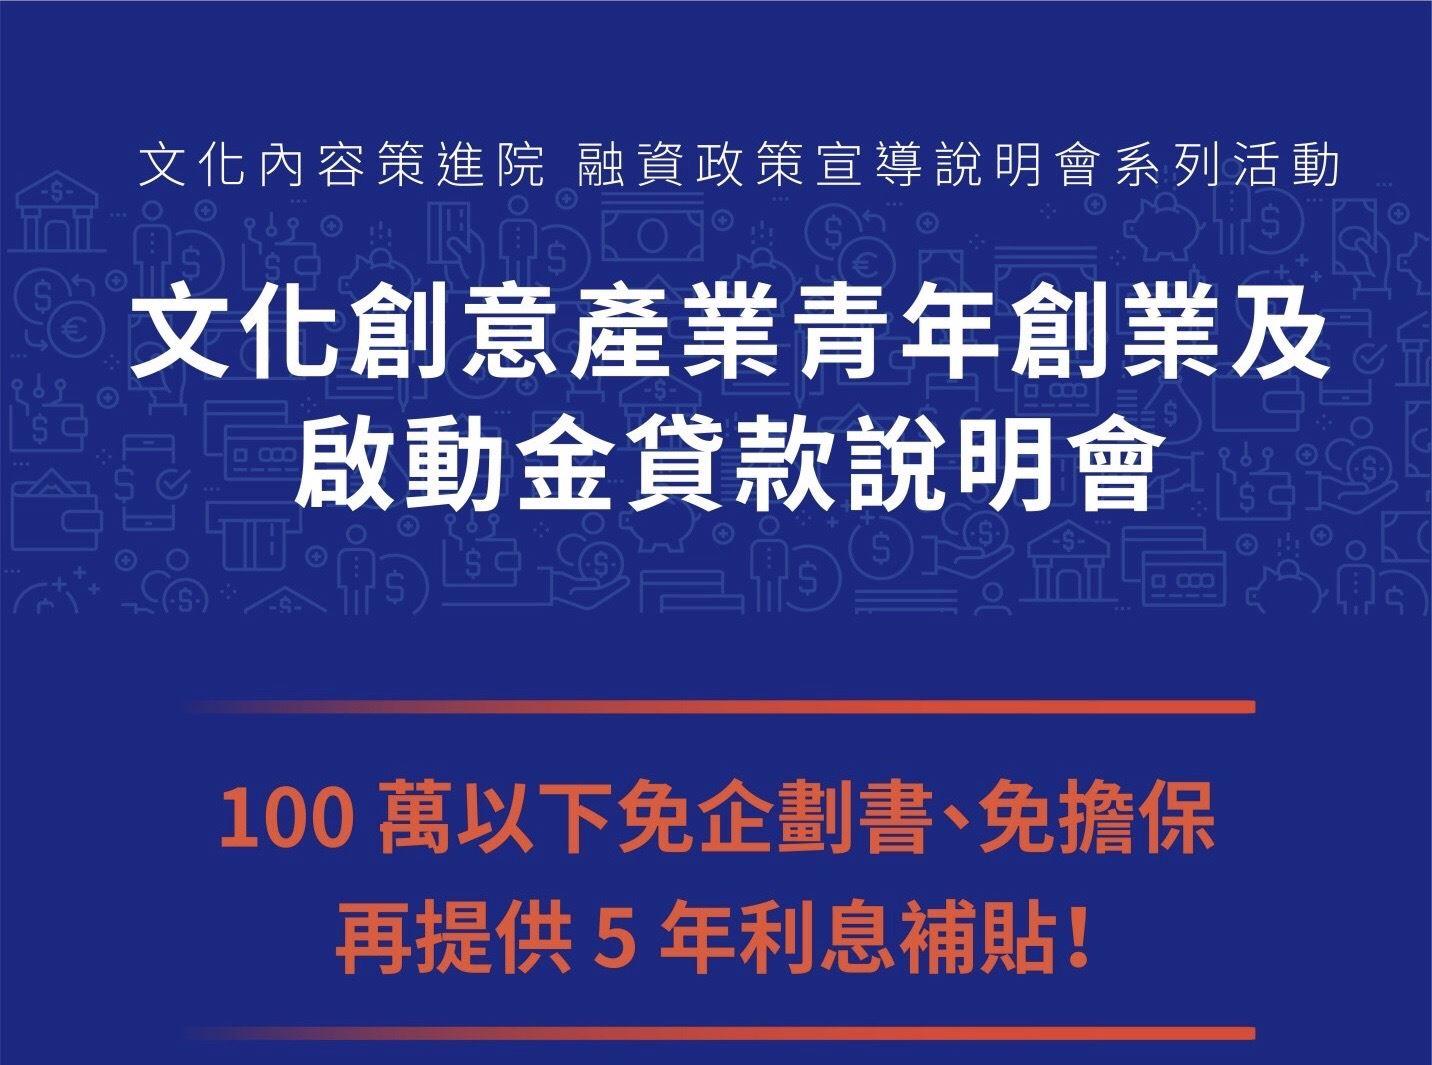 廣告banner (1)